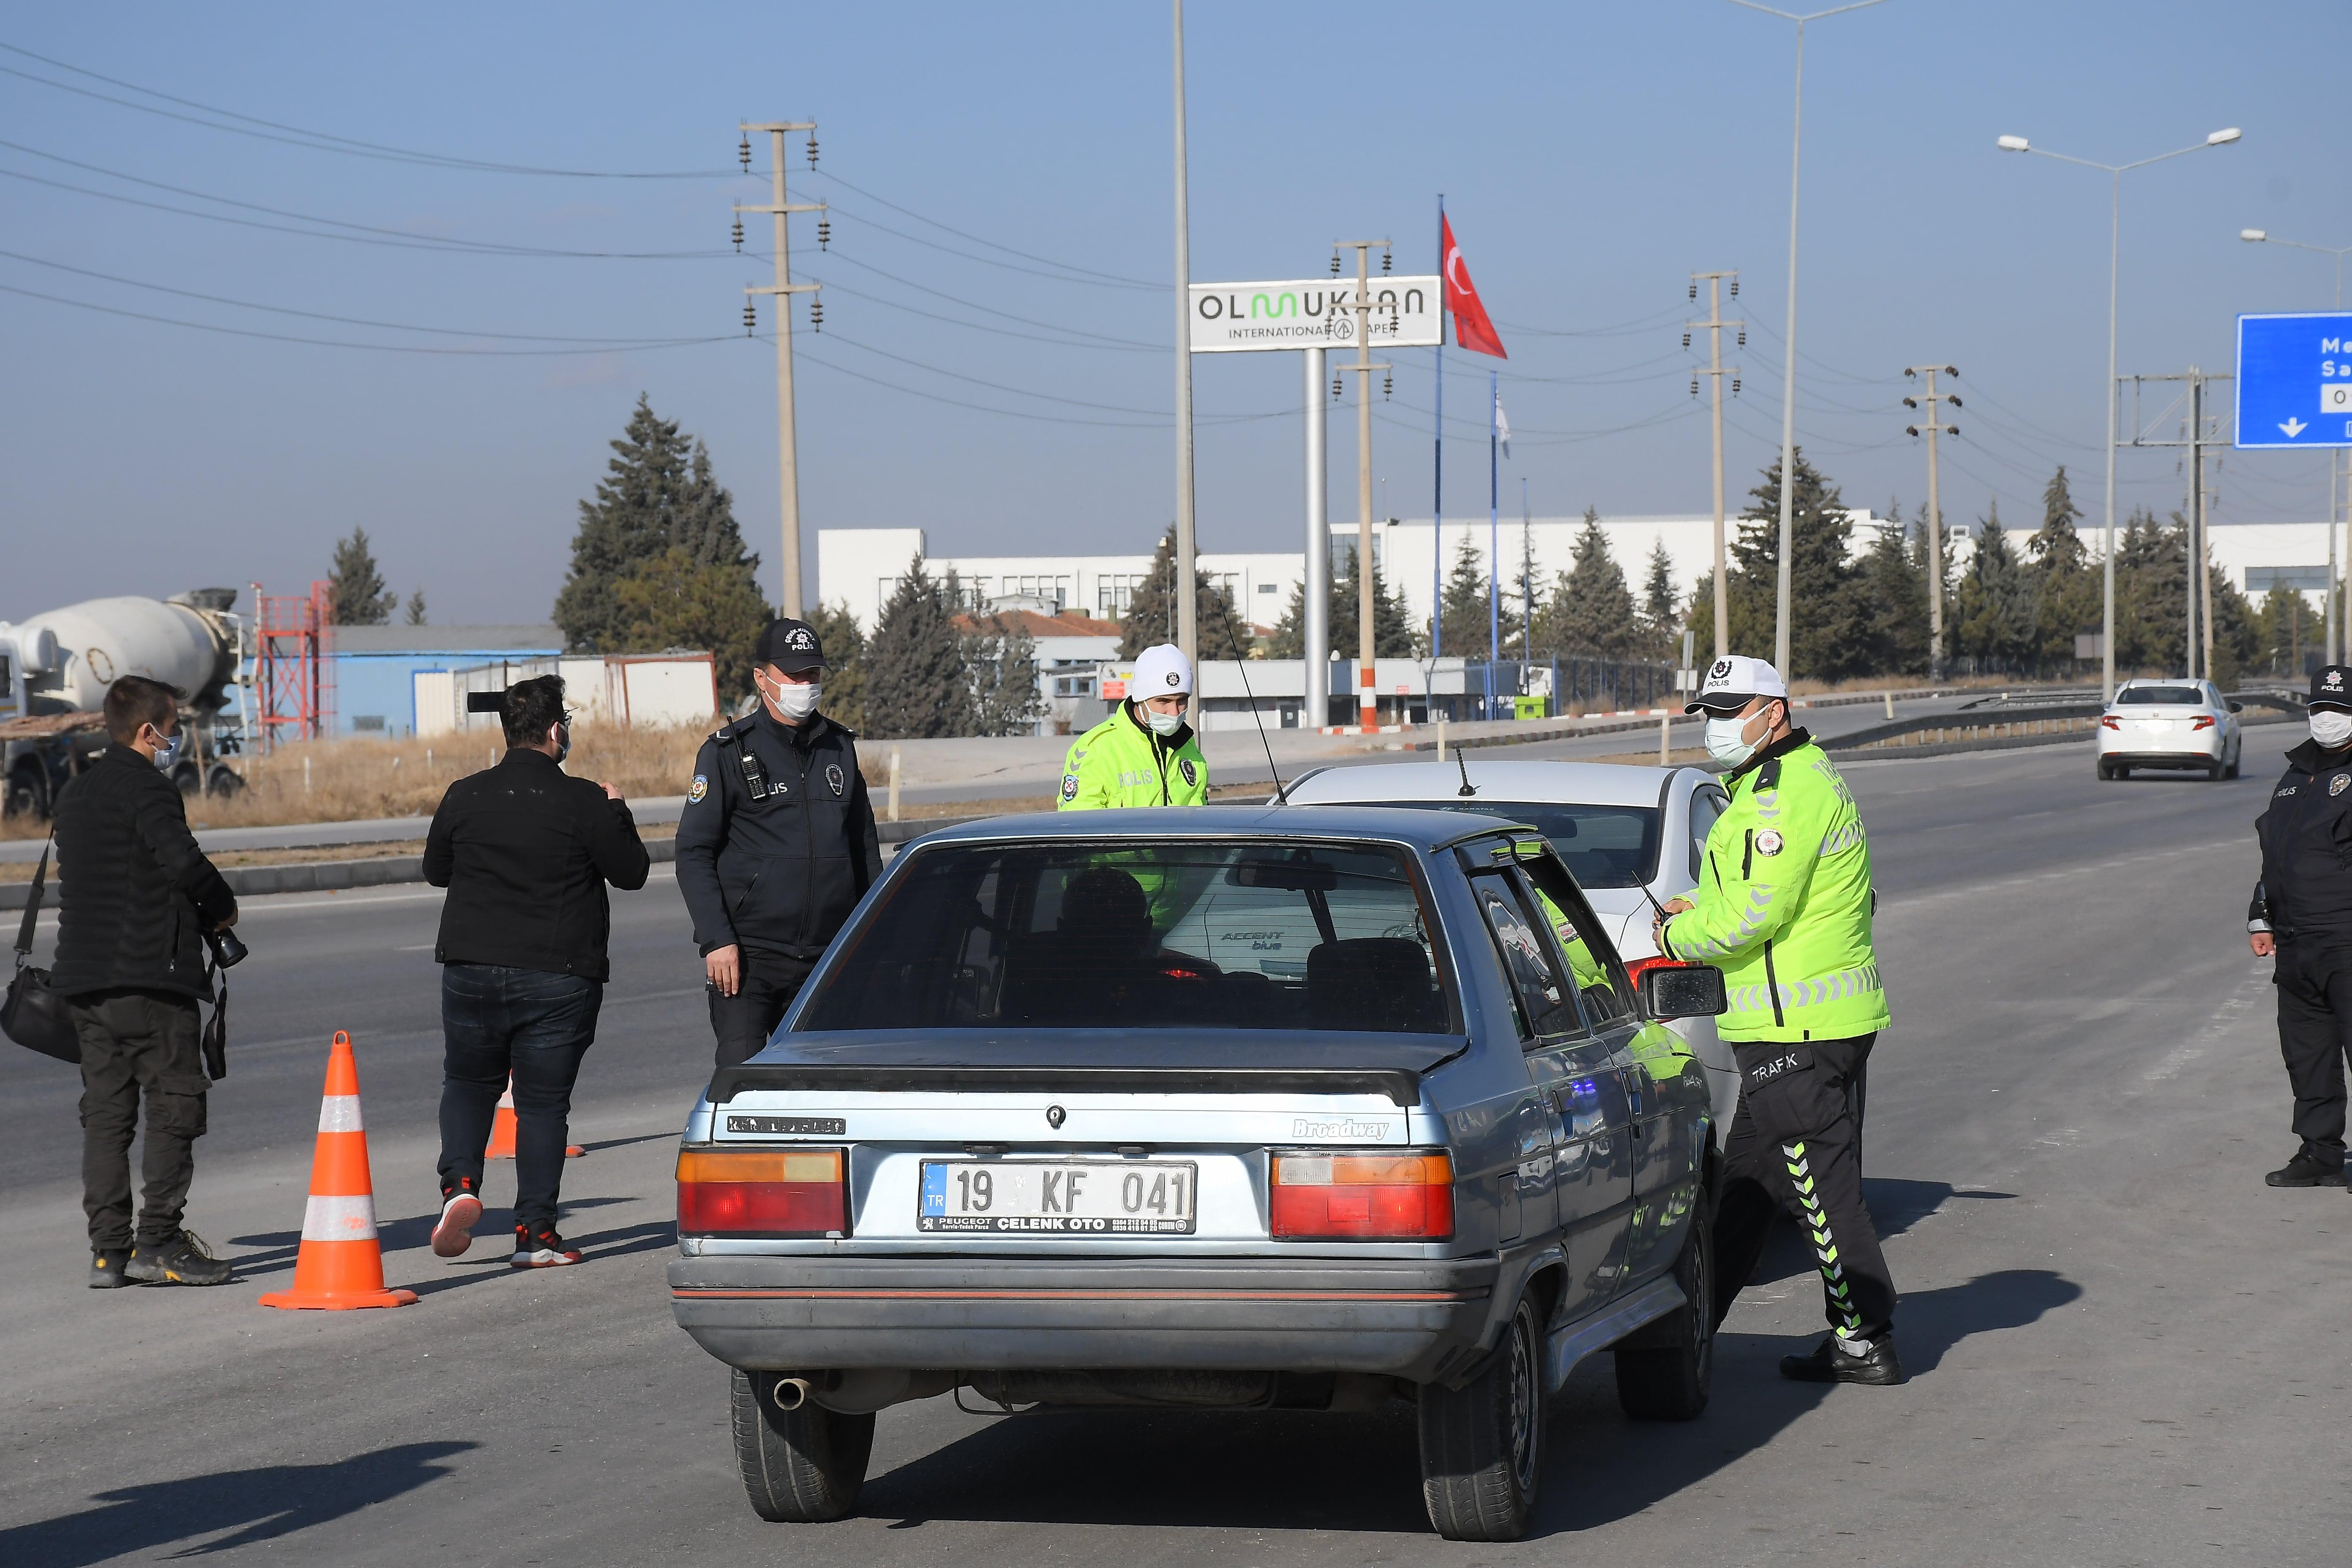 Son dakika... İçişleri Bakanlığı açıkladı: Denetimler bin 311 şahıs yakalandı